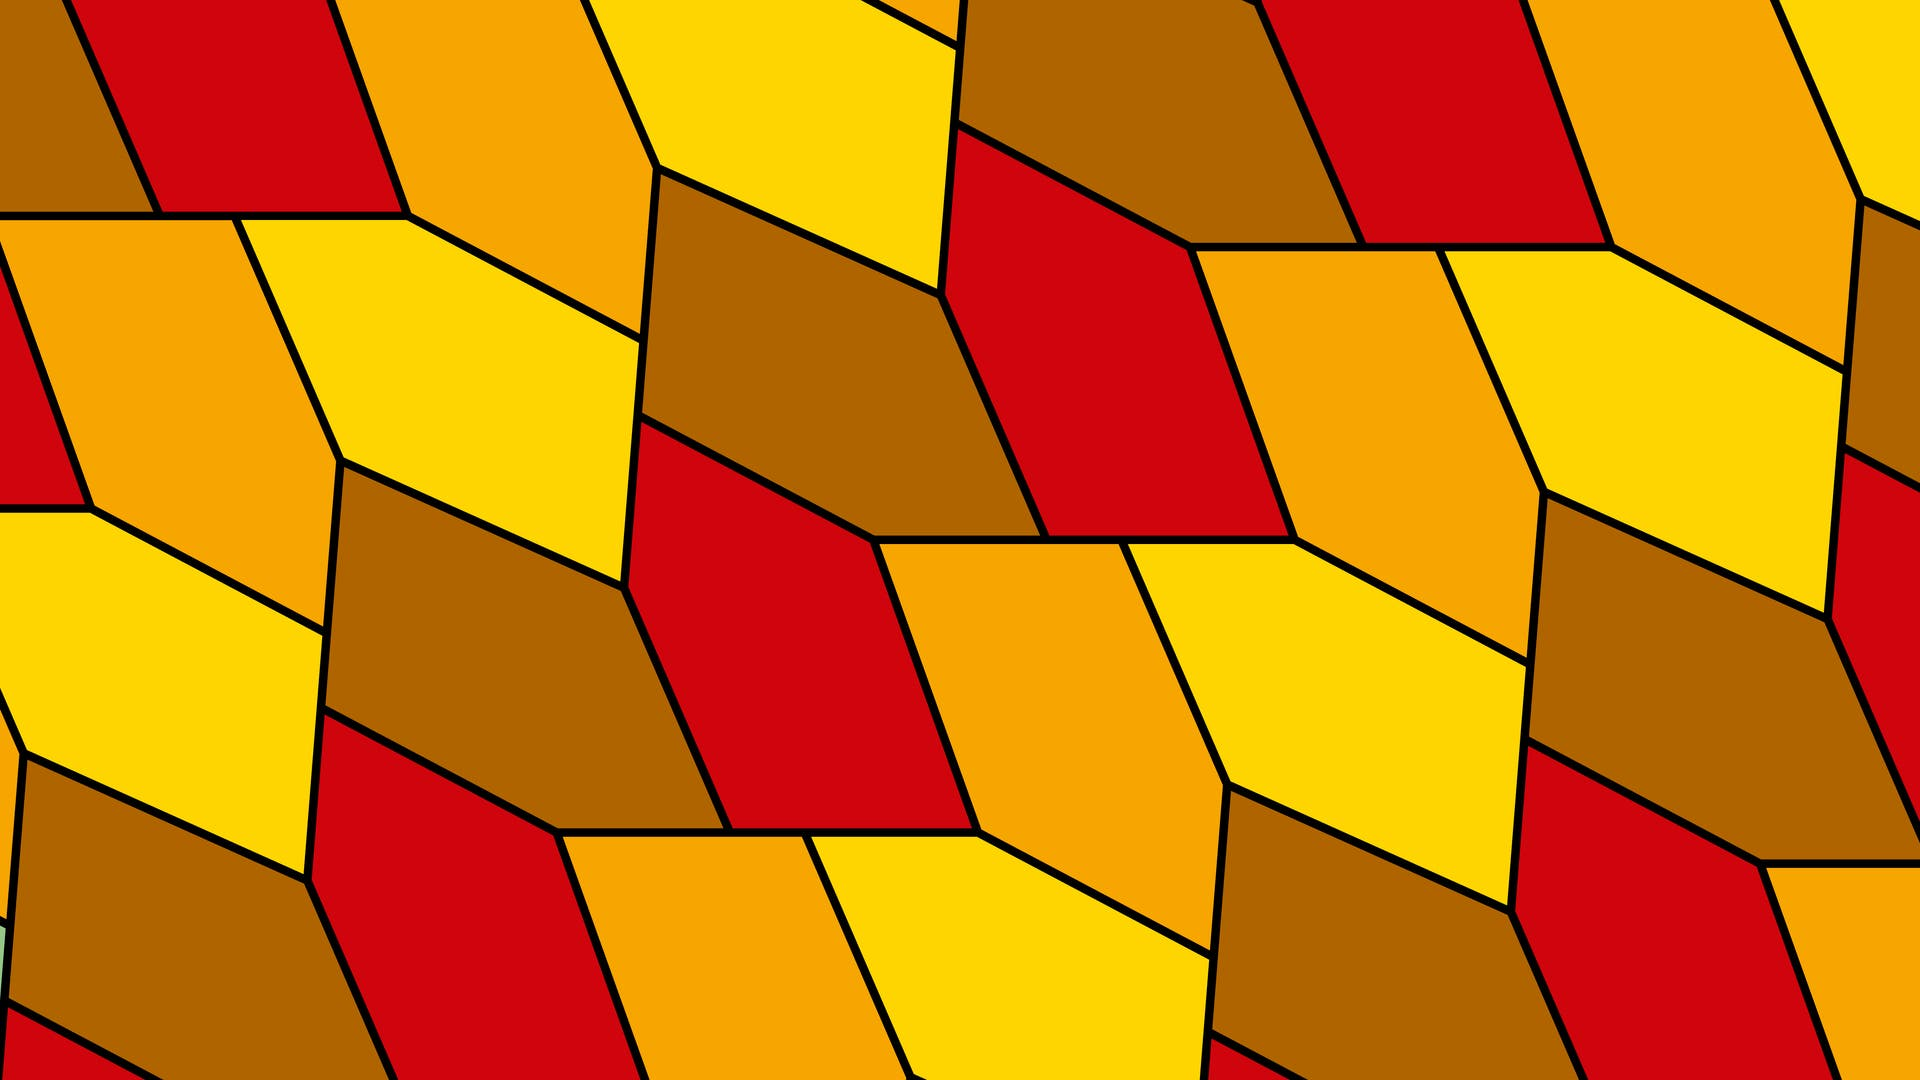 Fünfeck 2